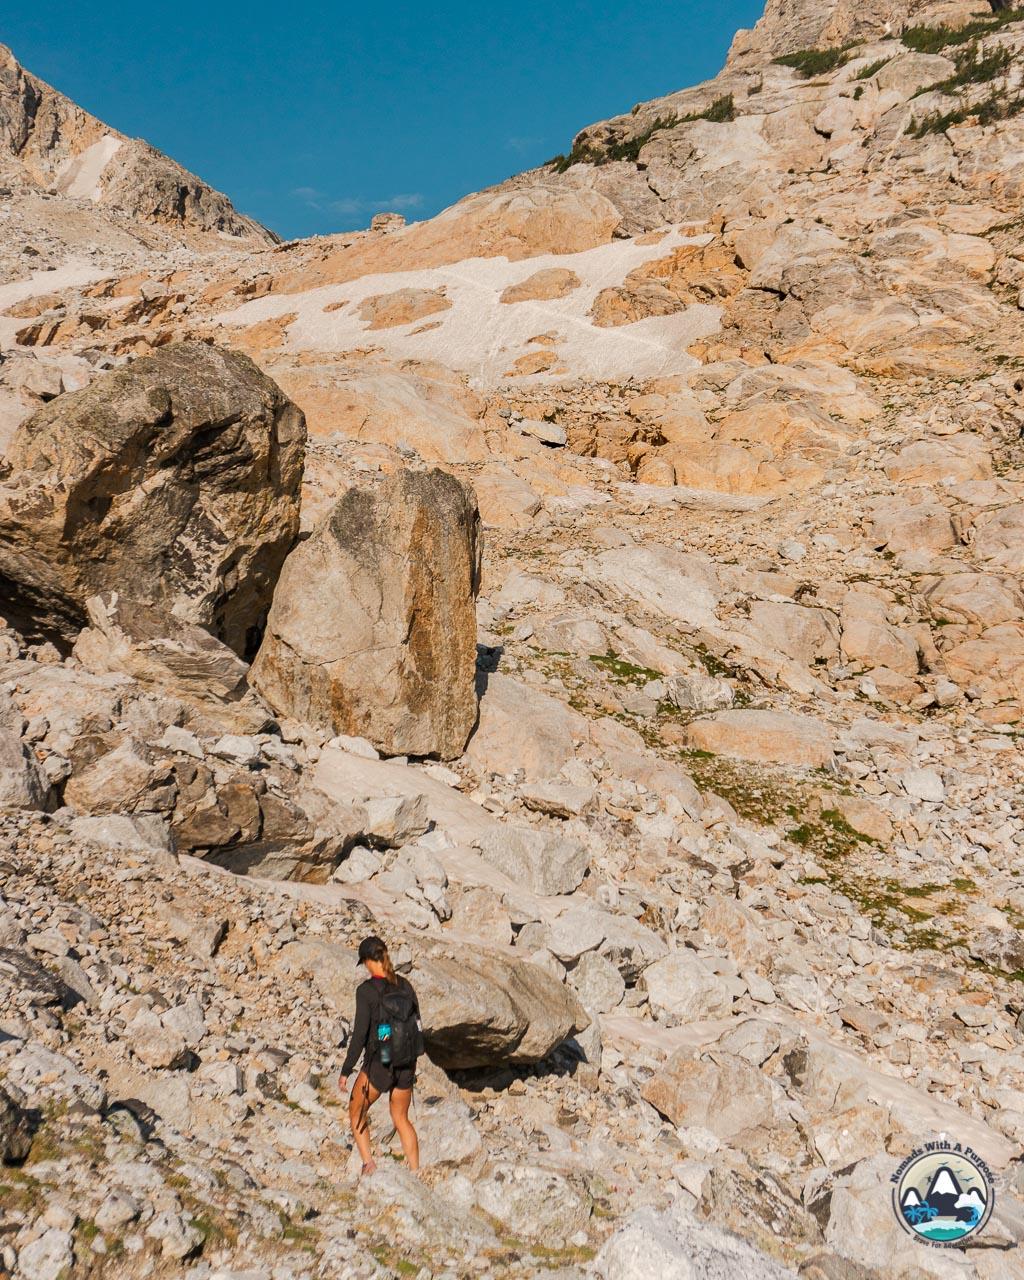 Middle Teton hiking route